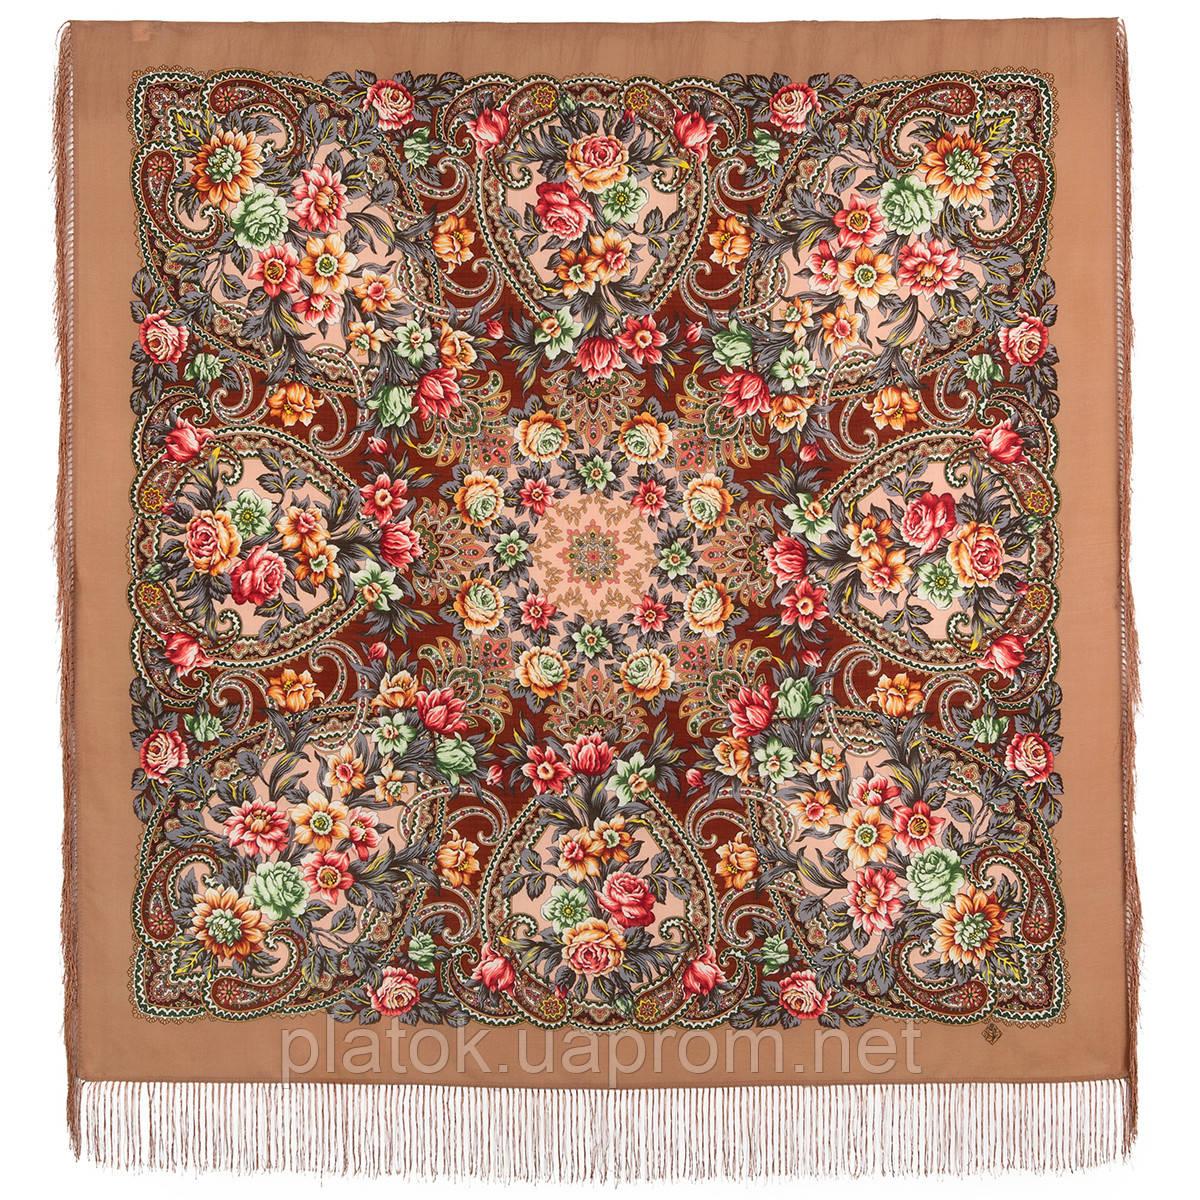 Родниковый край 1835-2, павлопосадский платок шерстяной с шелковой бахромой